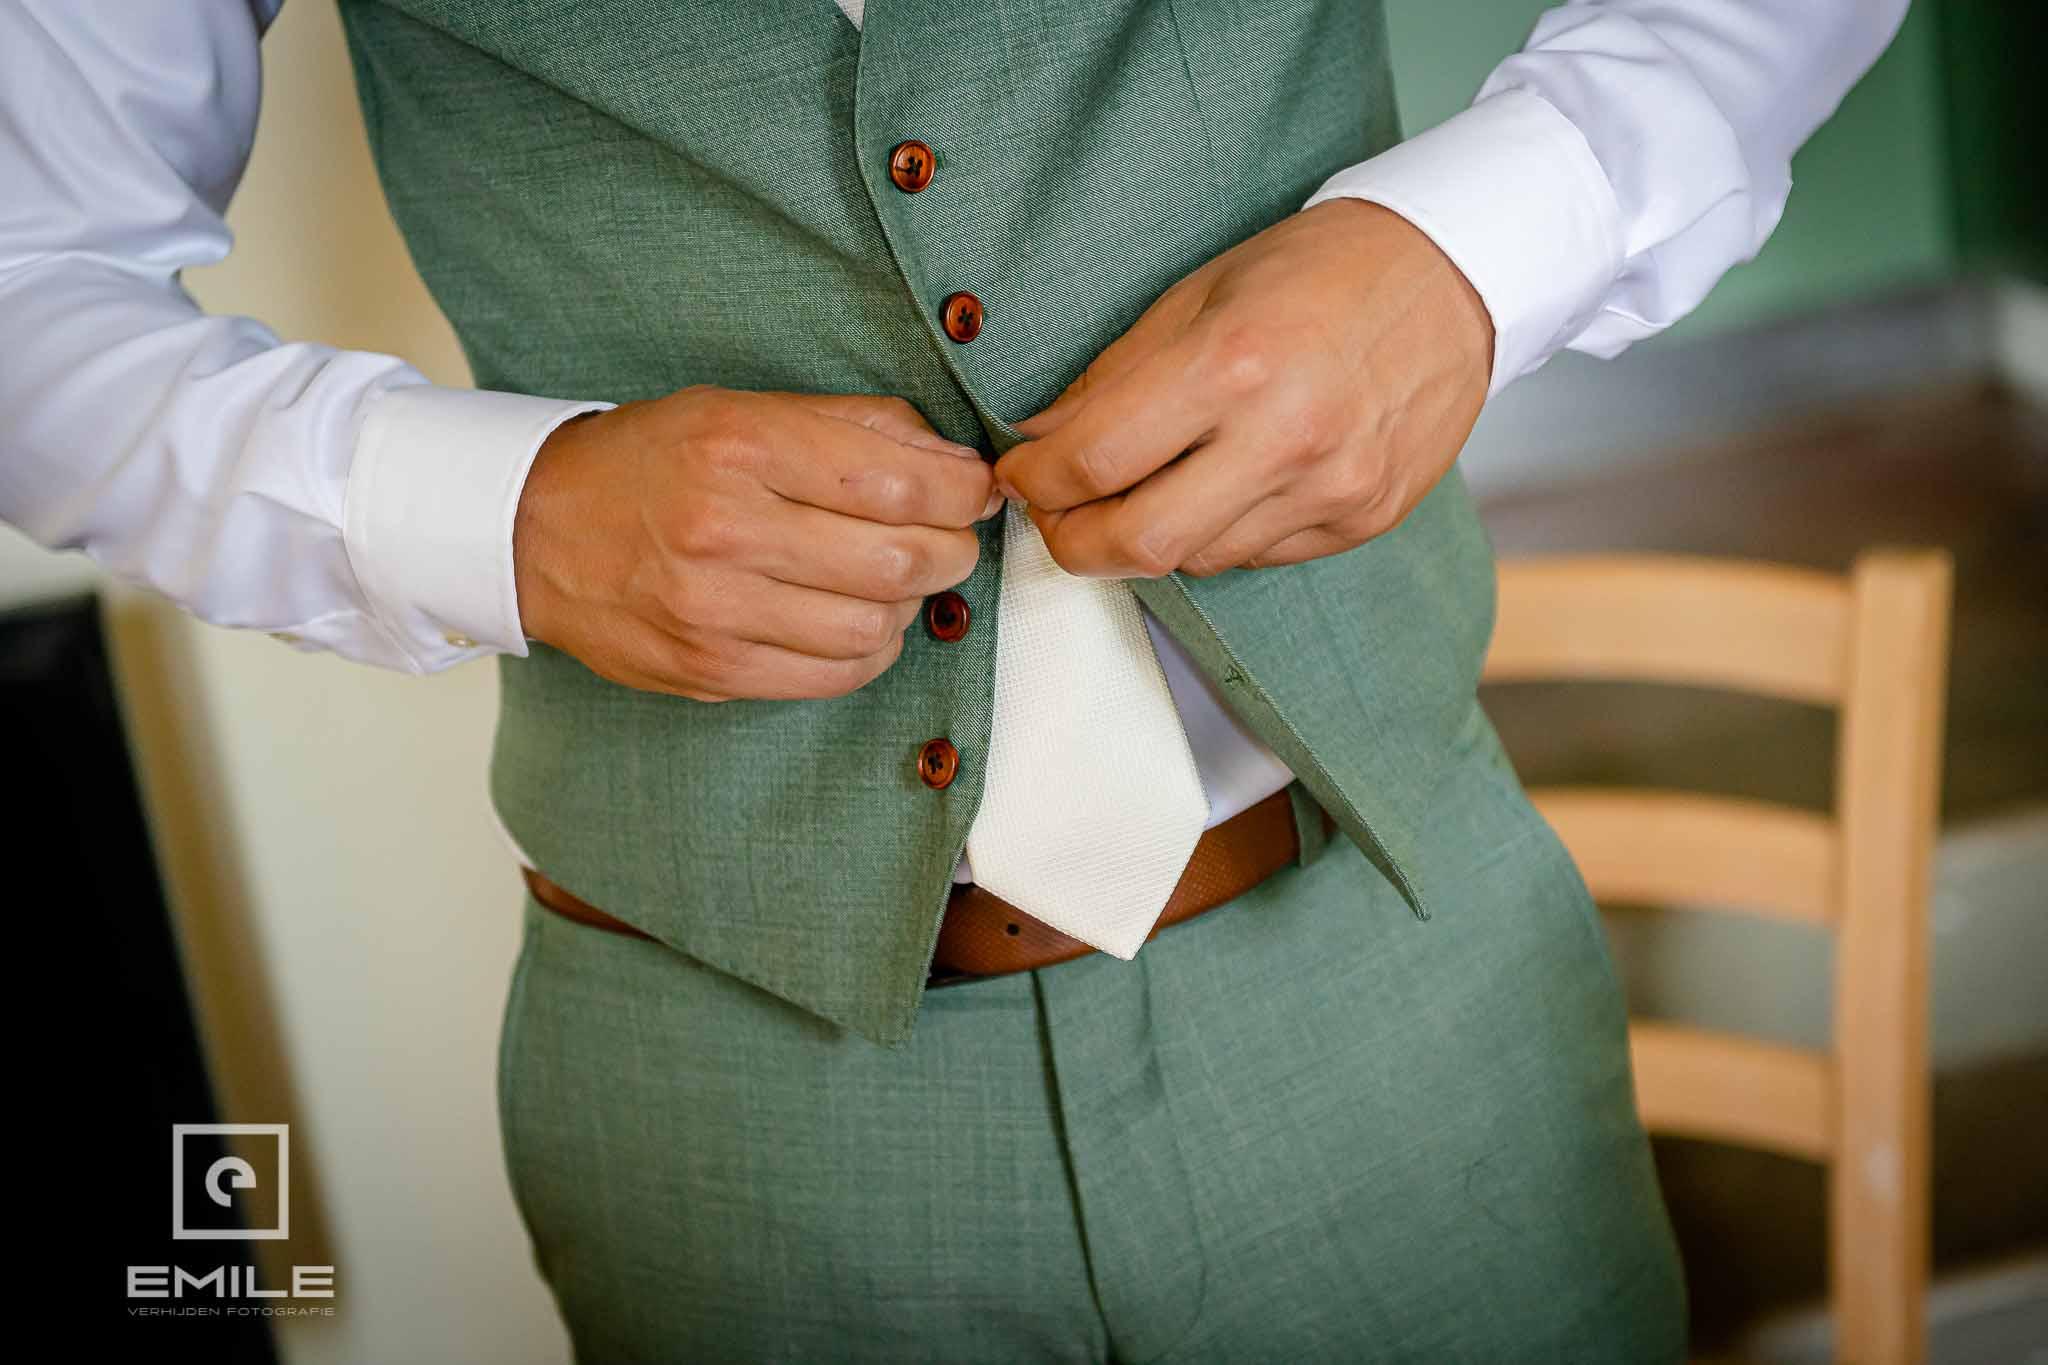 Het hesje van het gilletje wordt dicht geknoopt - Destination wedding San Gimignano - Toscane Italie - Iris en Job